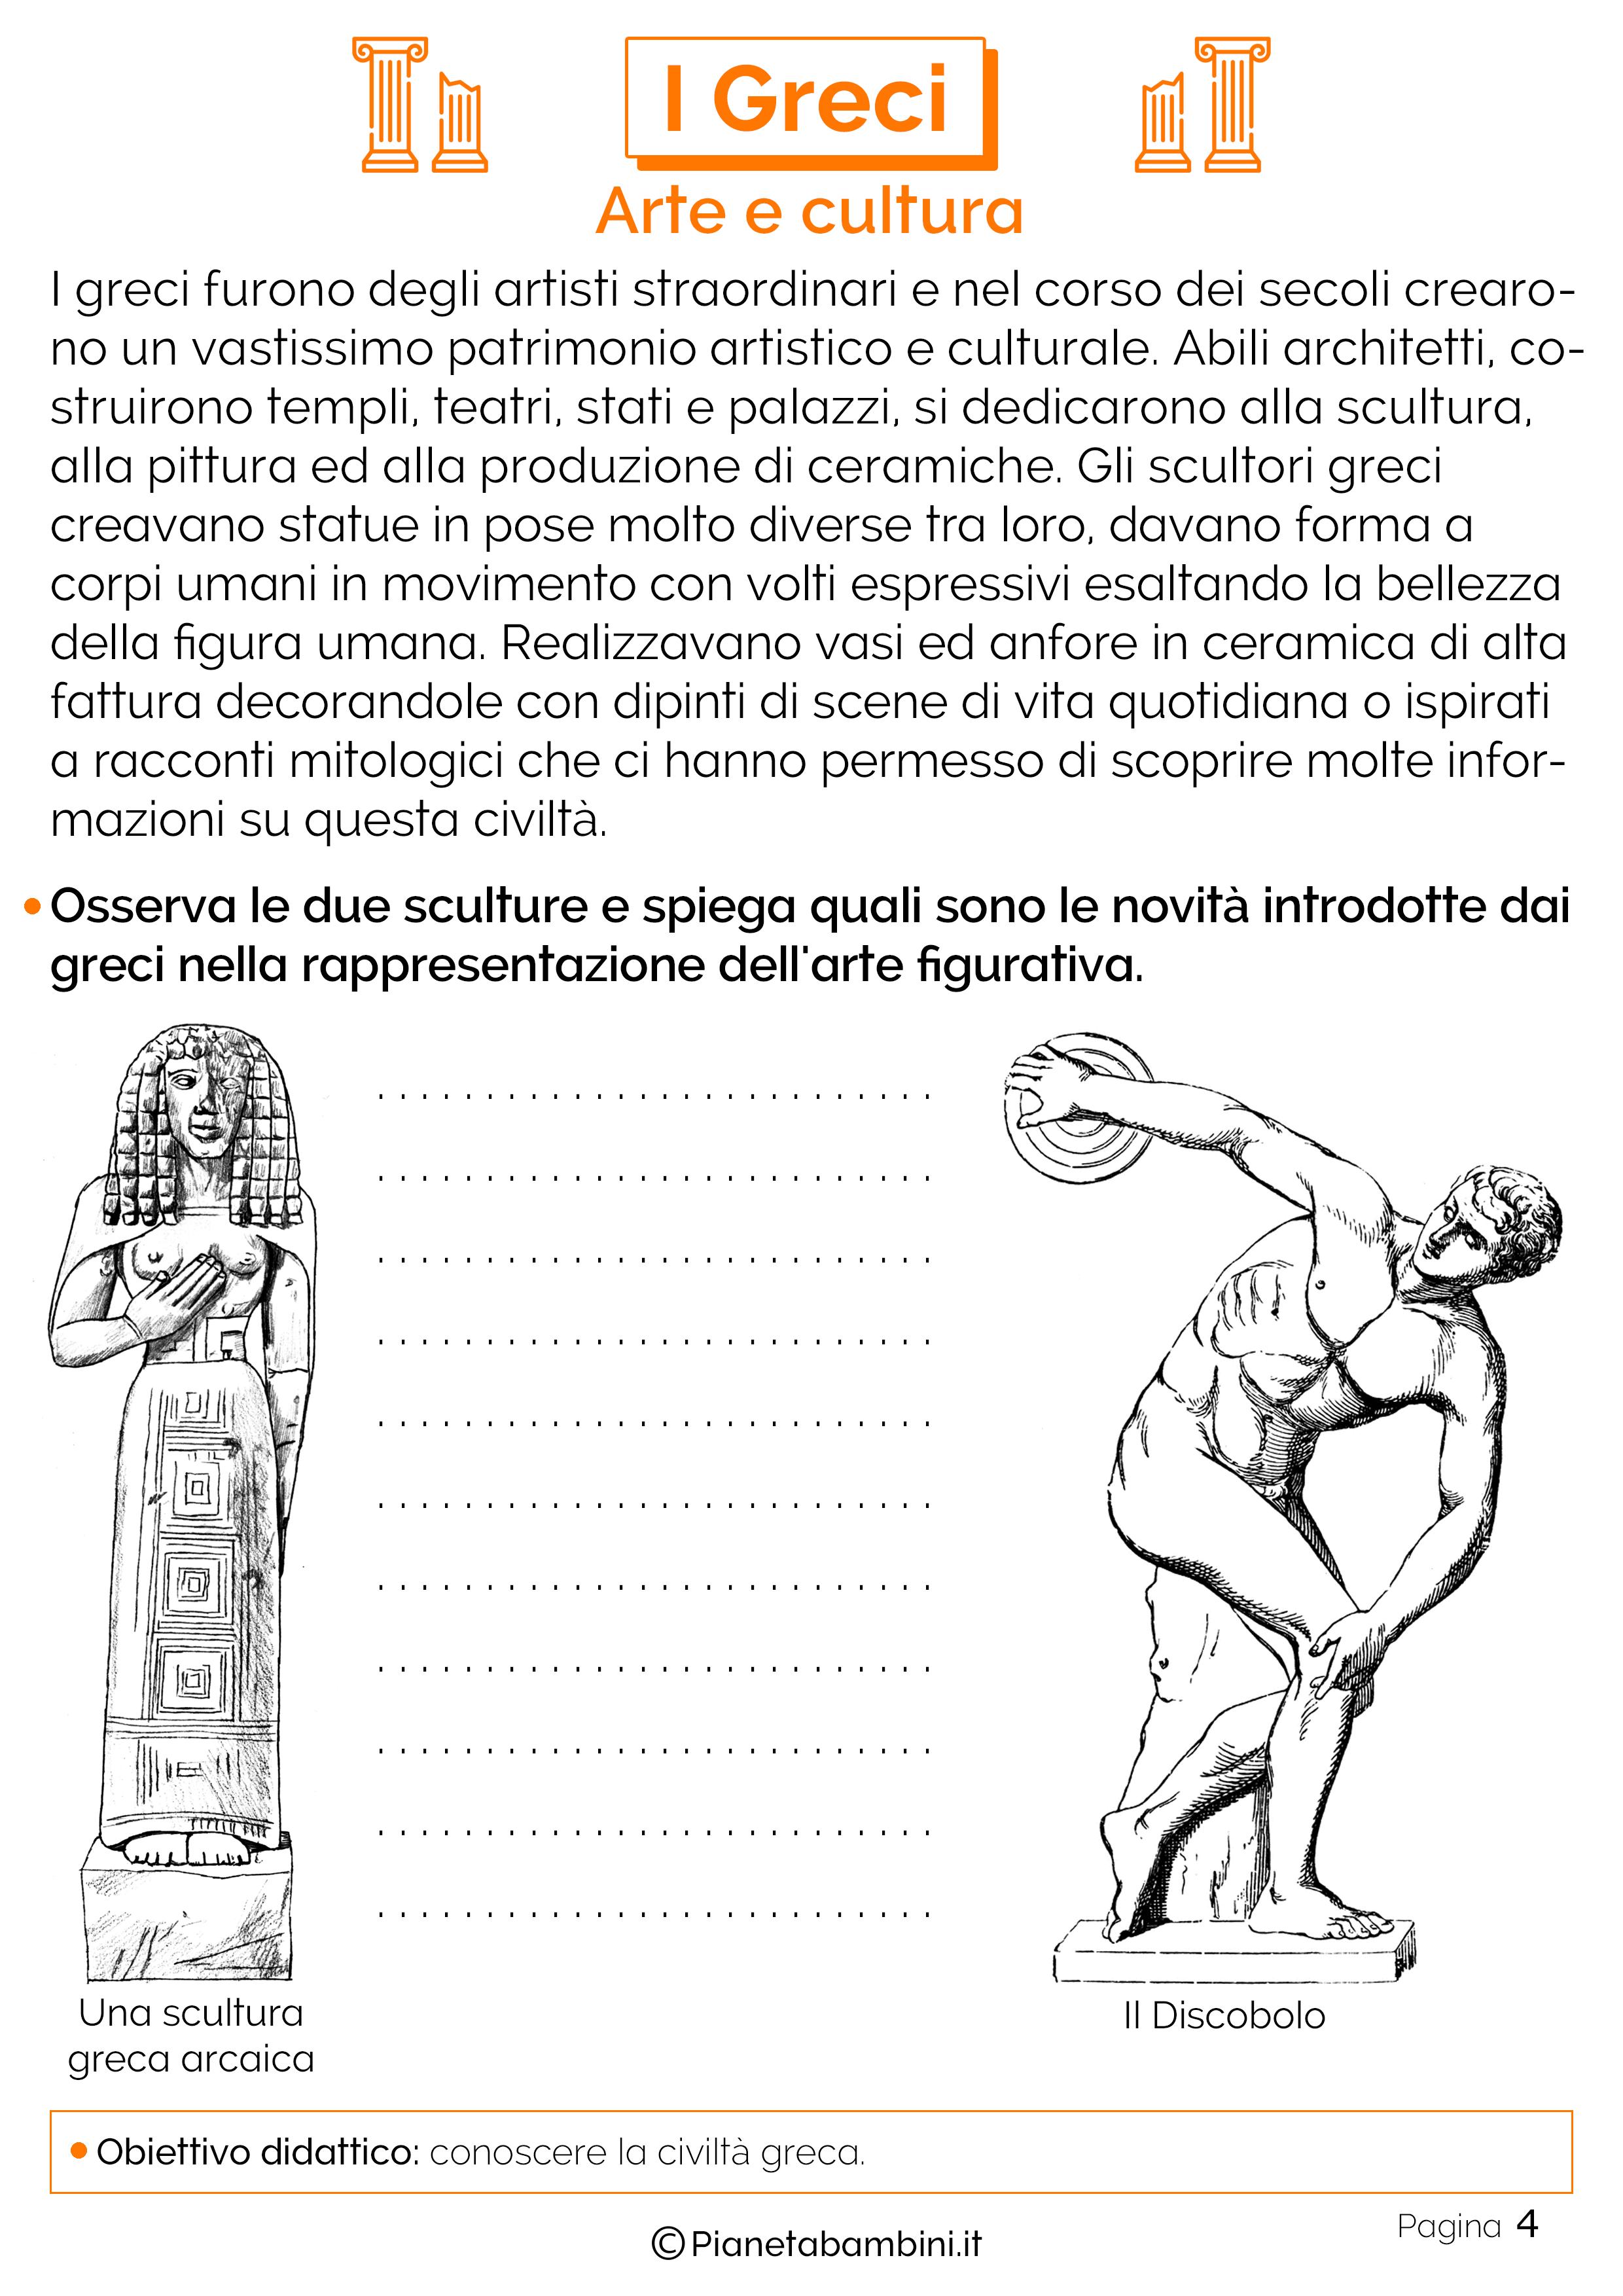 Arte e cultura dell'antica grecia